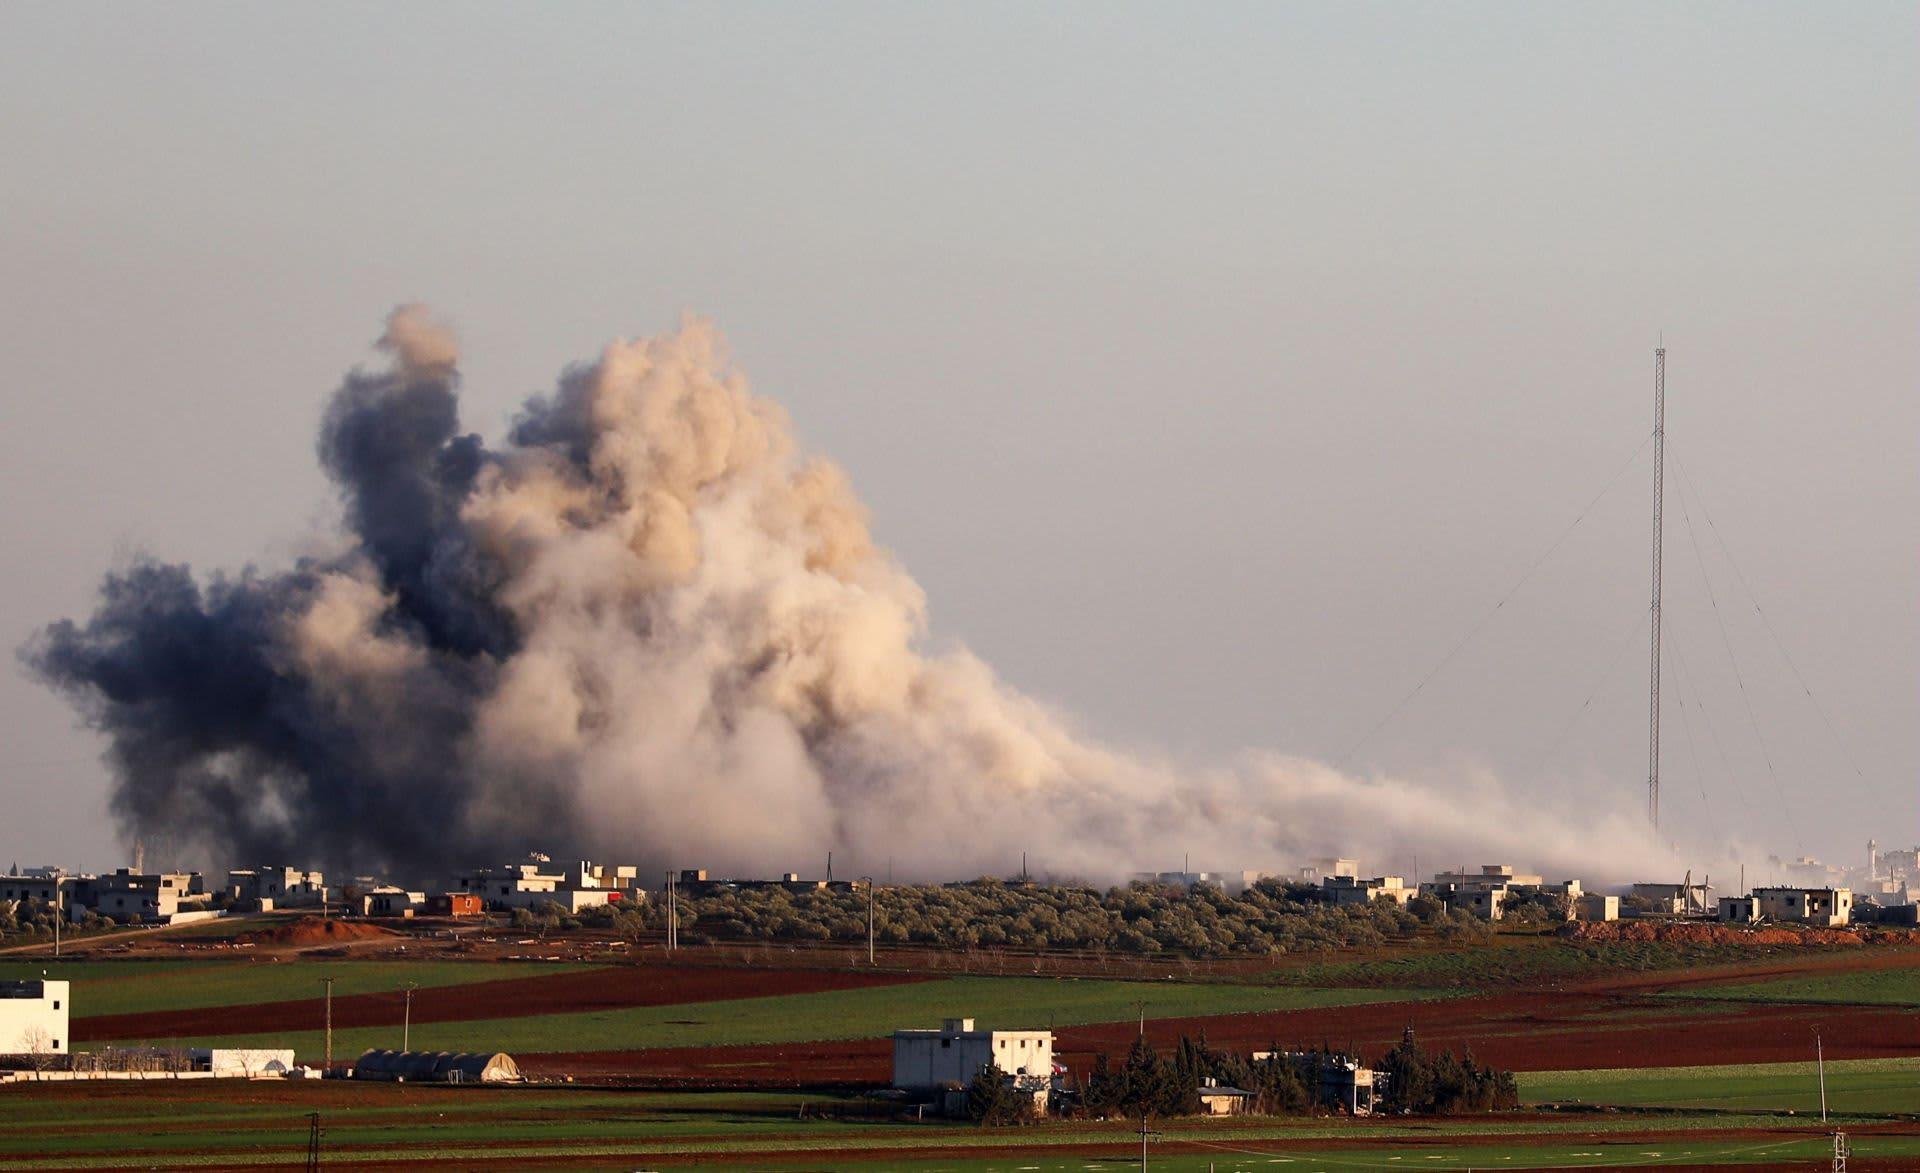 Savu nousi Syyrian kapinallisten hallinnoimasta Salihiyahin kylästä hallituksen joukkojen ilmaiskun jälkeen keskiviikkona.